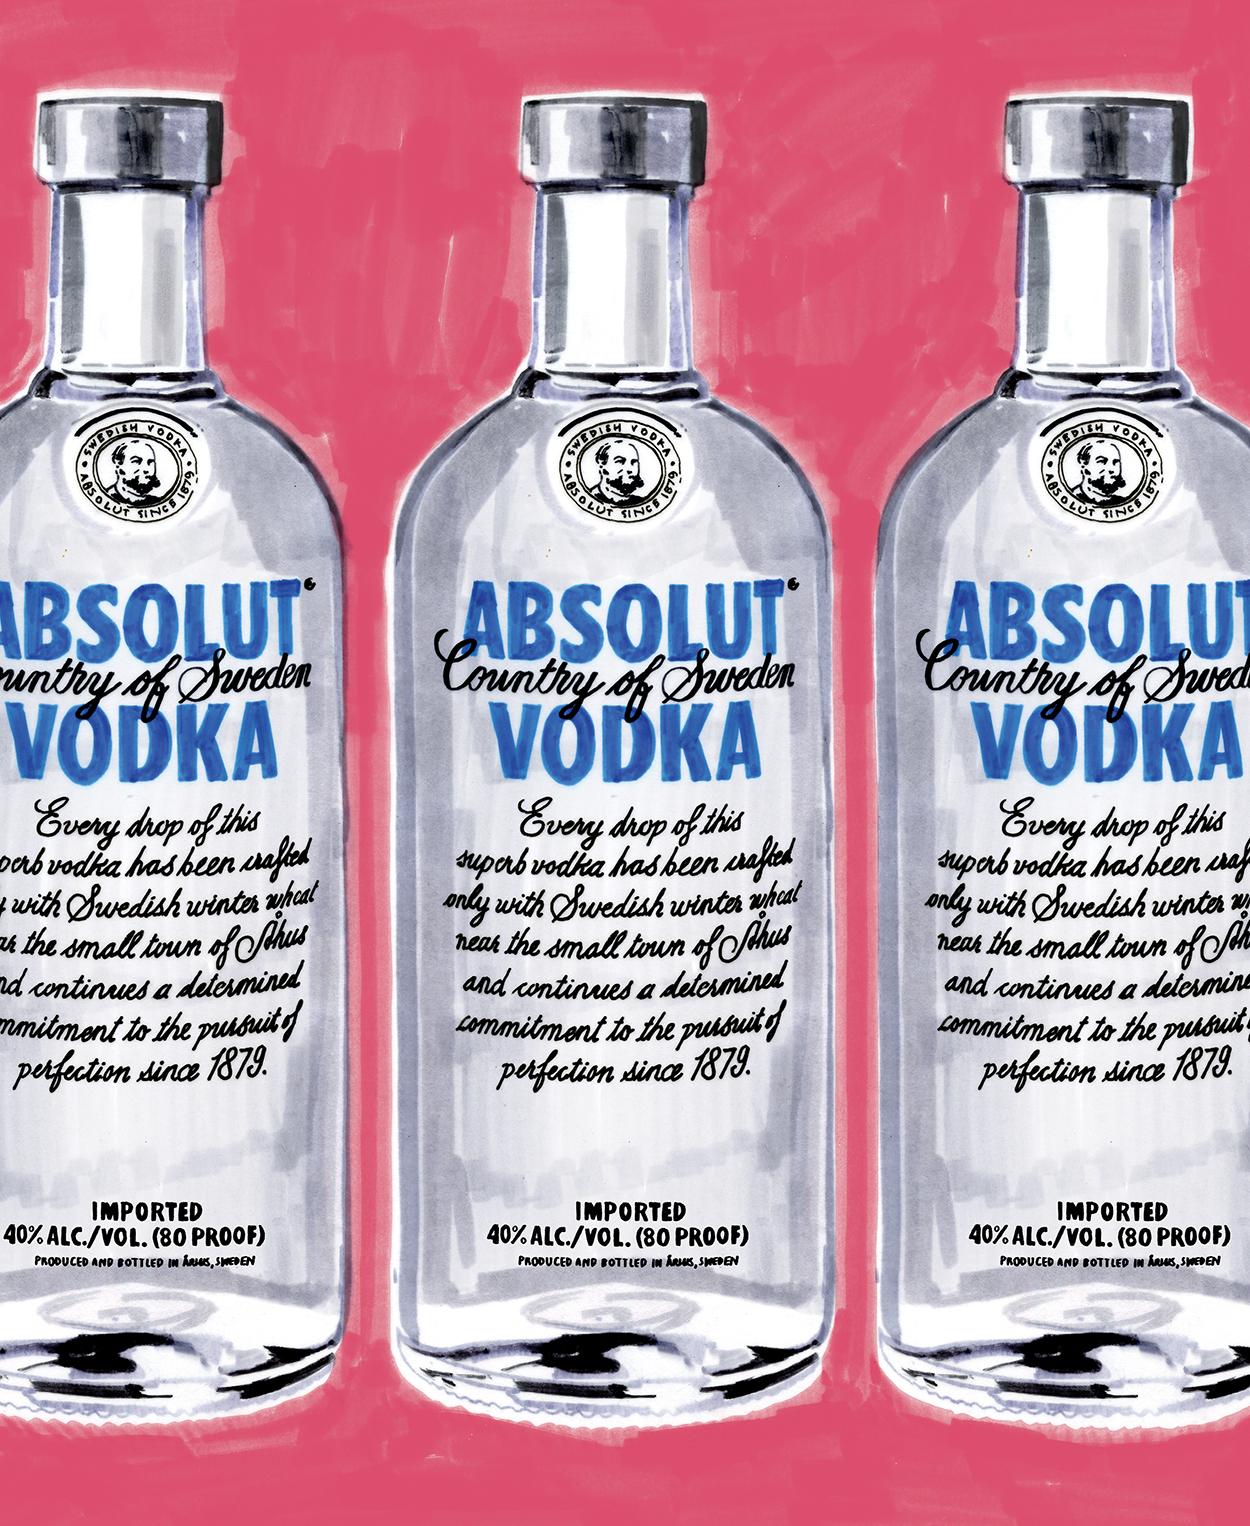 vodka_withbground.jpg